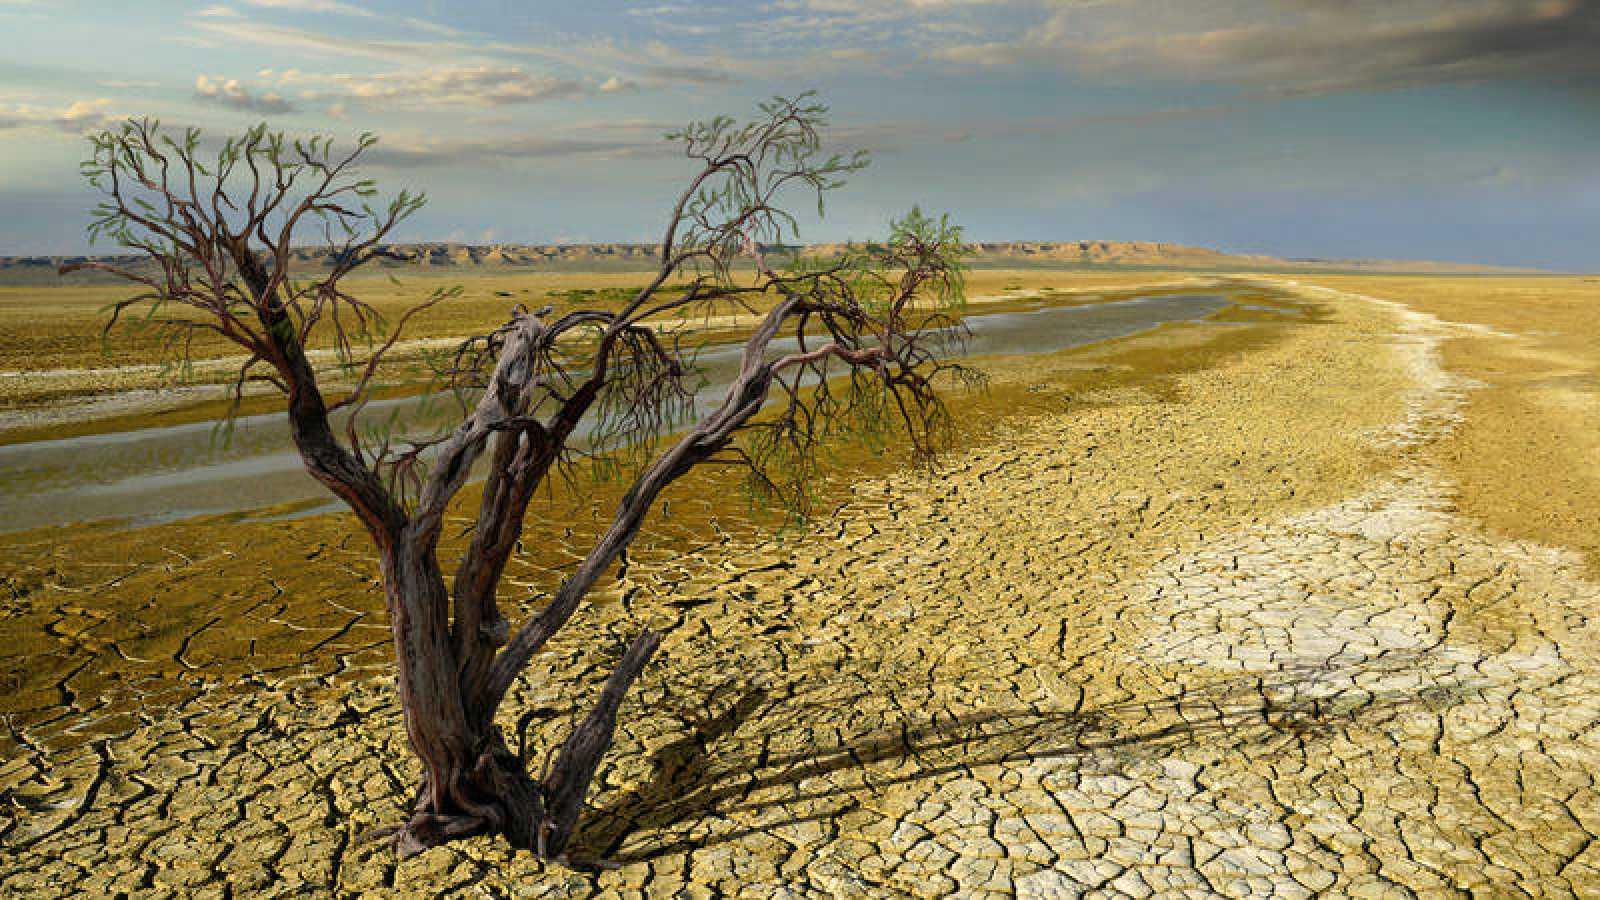 La meta prioritaria del Acuerdo de París es que la temperatura media del planeta en 2100 no supere los 2ºC con respecto a los niveles preindustriales.